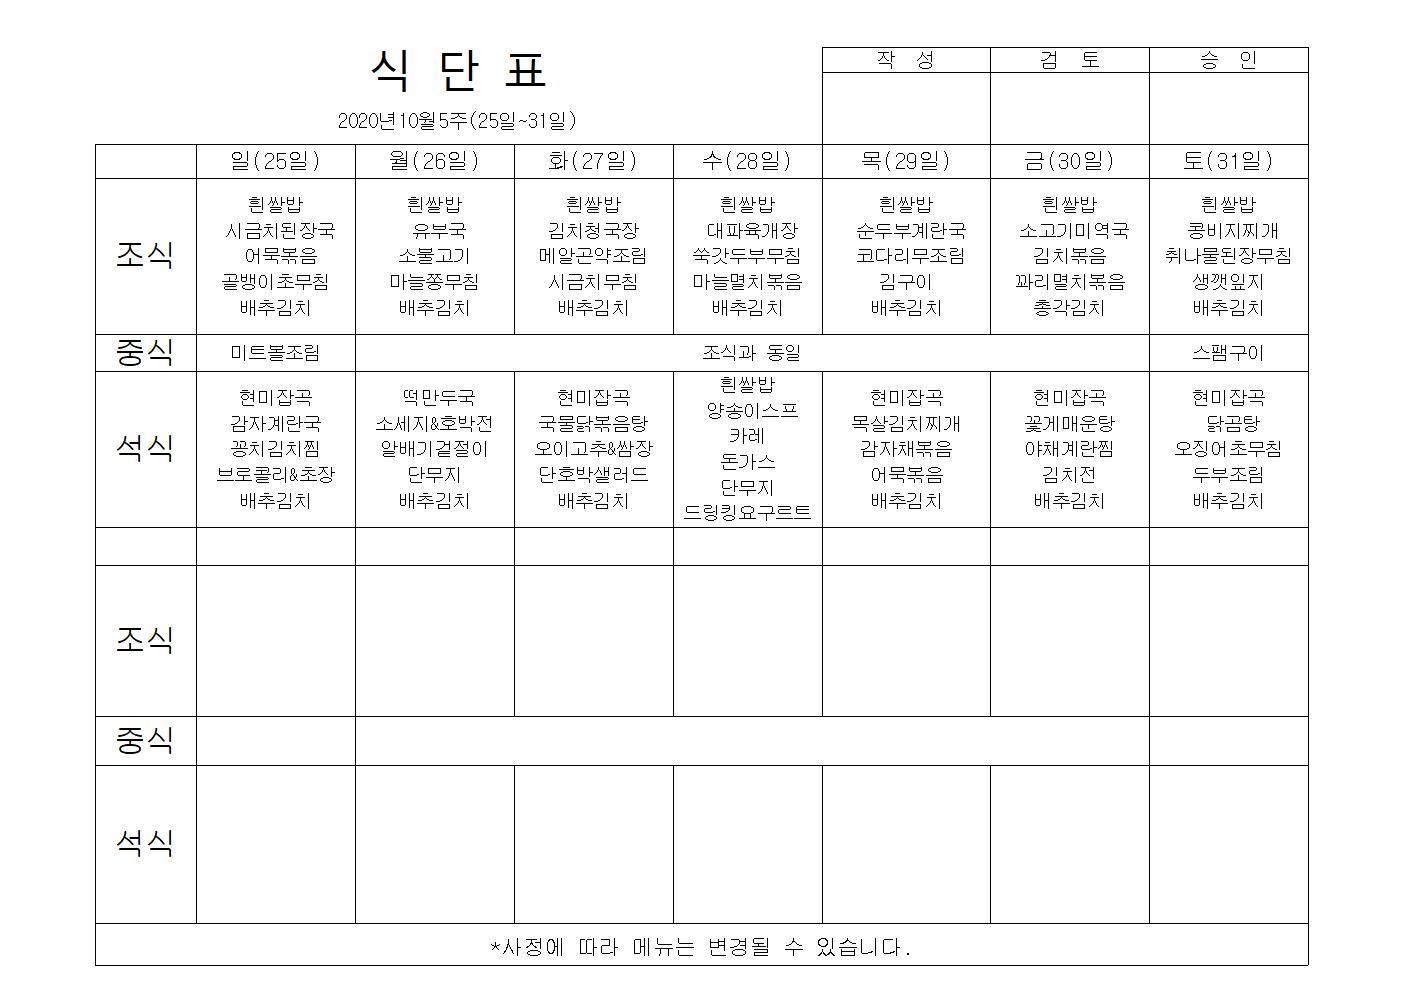 10월 식단표 - 복사본003.jpg